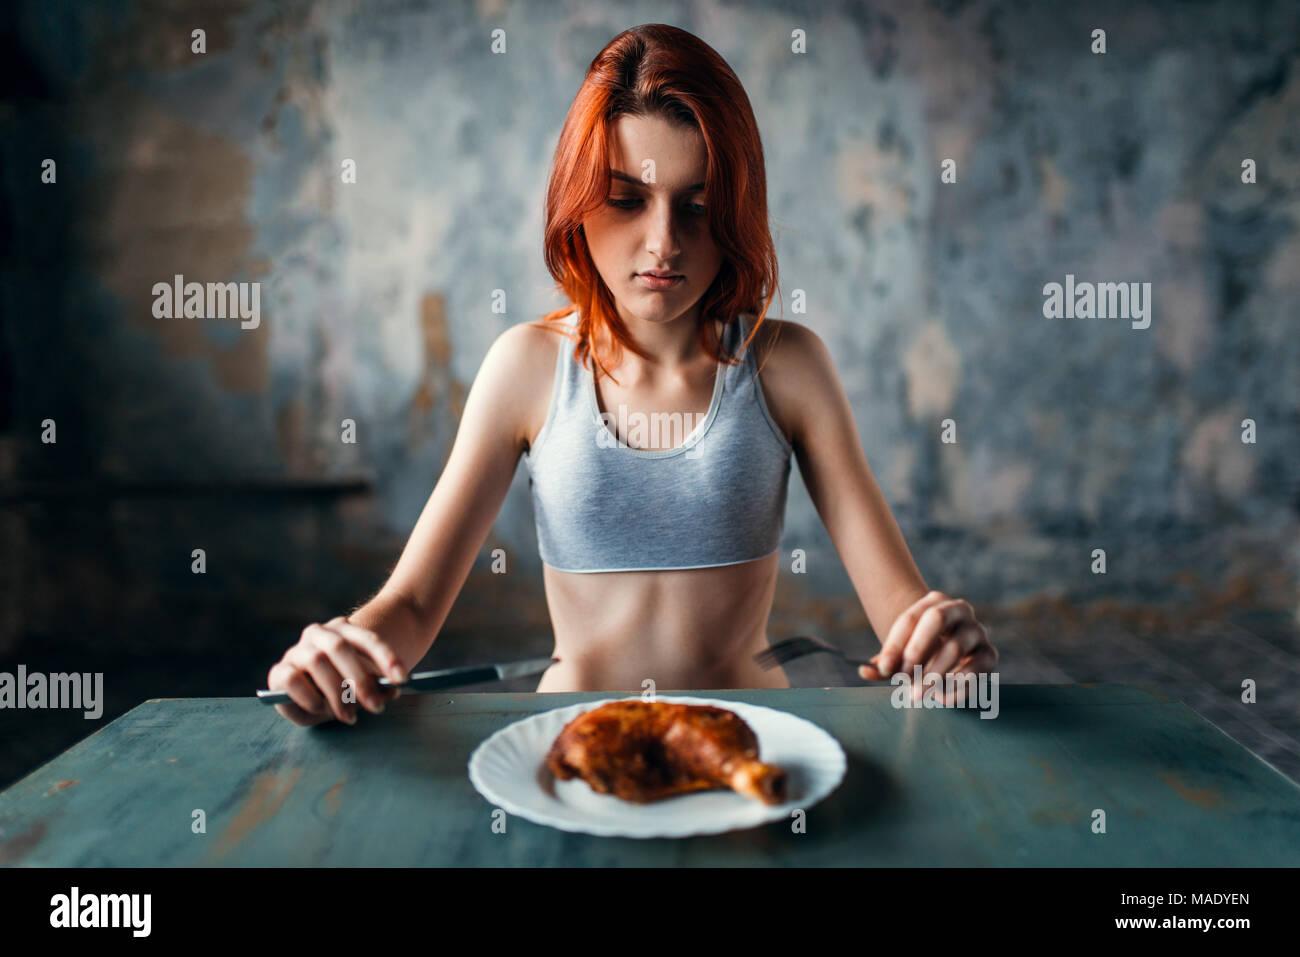 Femme contre la plaque avec de la nourriture, de l'absence d'appétit Photo Stock